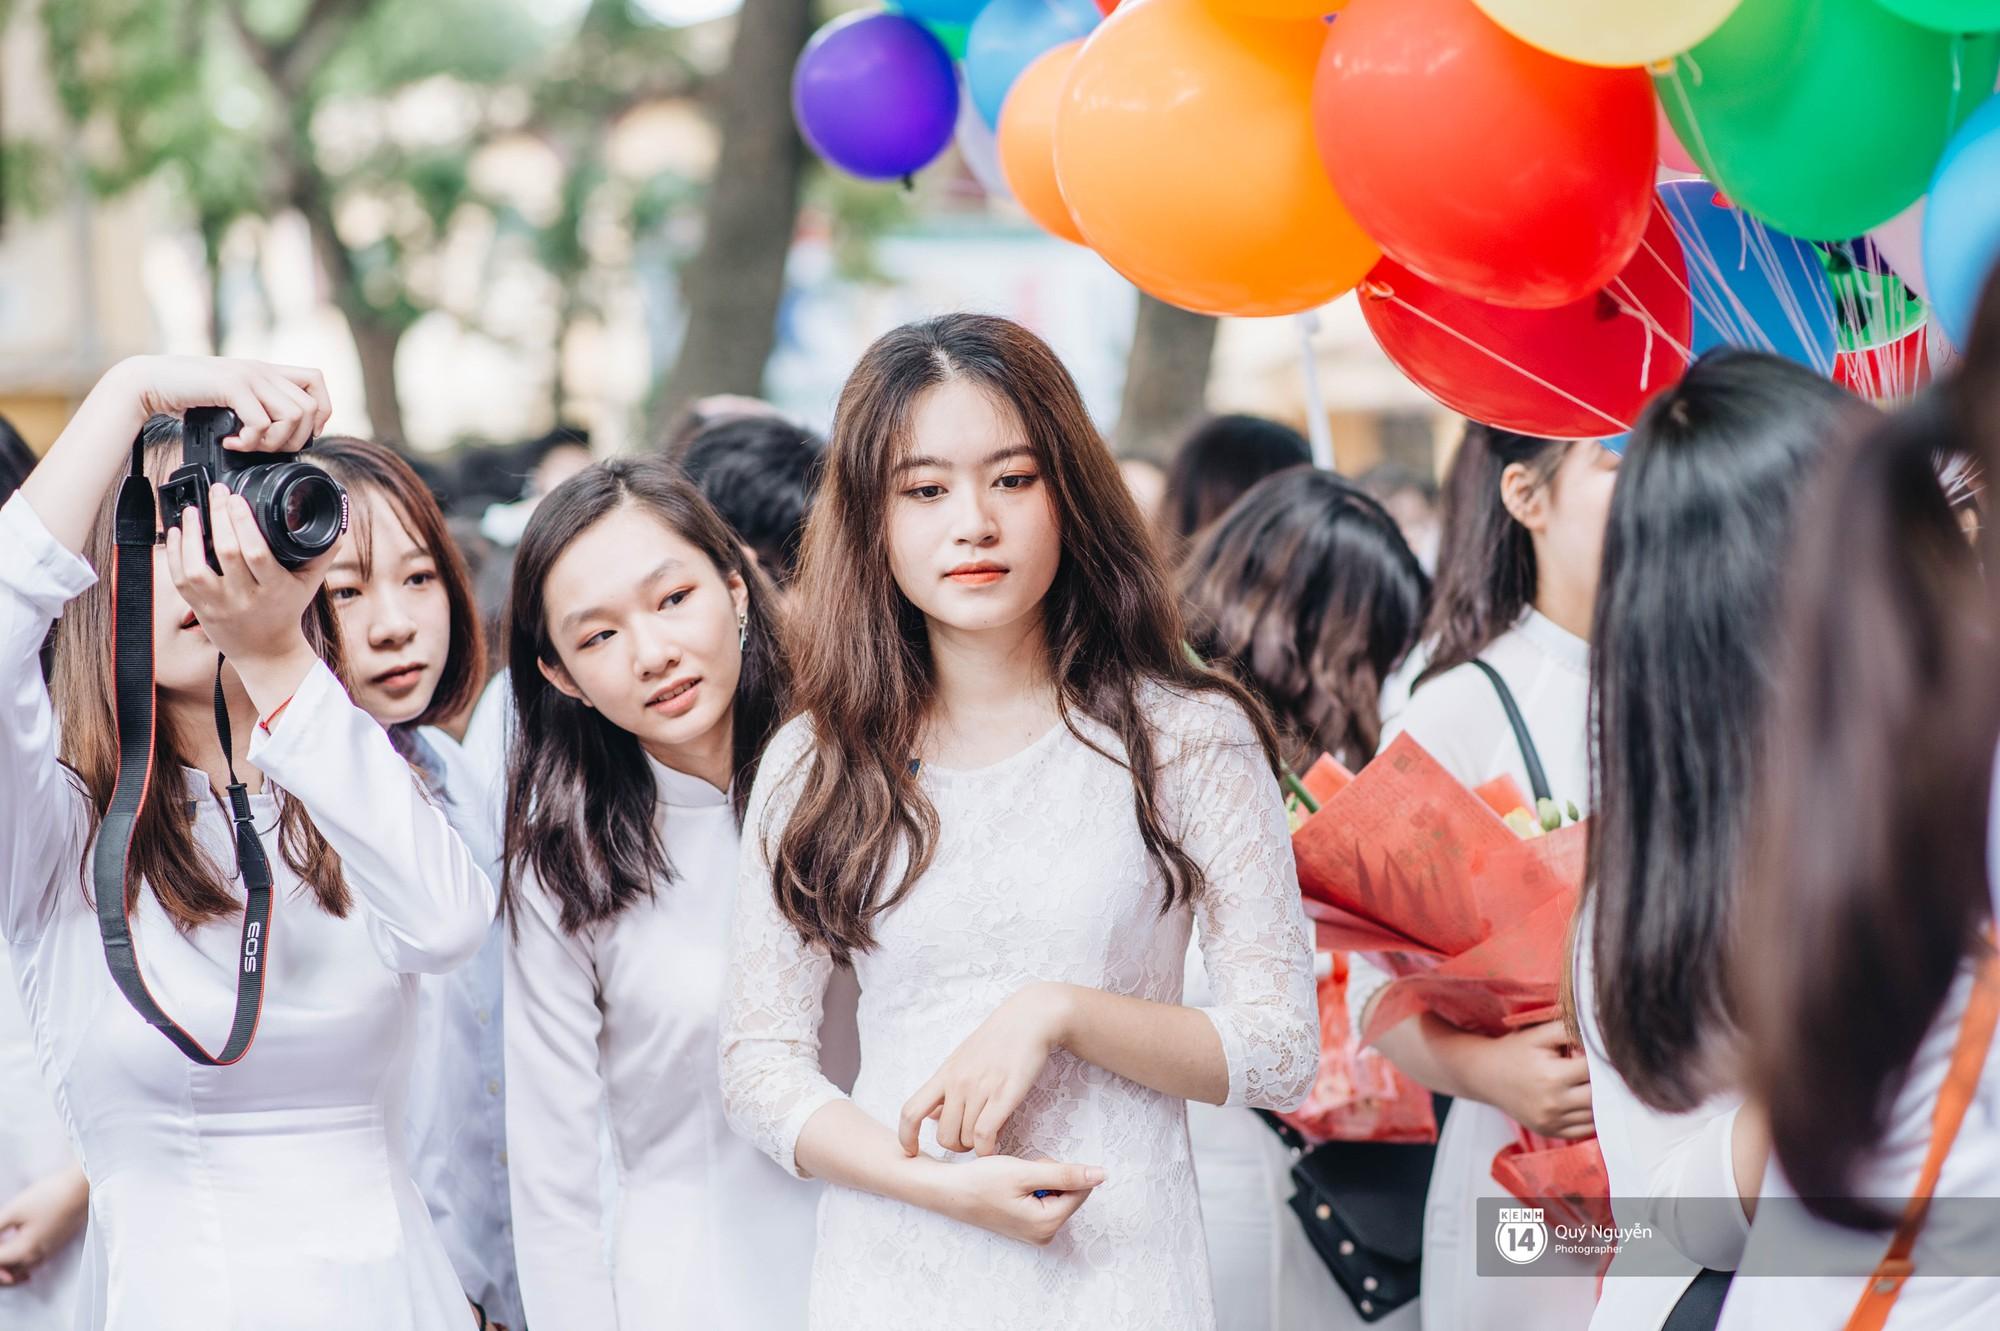 Đặc sản lễ bế giảng trường Phan Đình Phùng: Cả một trời trai xinh gái đẹp - Ảnh 15.